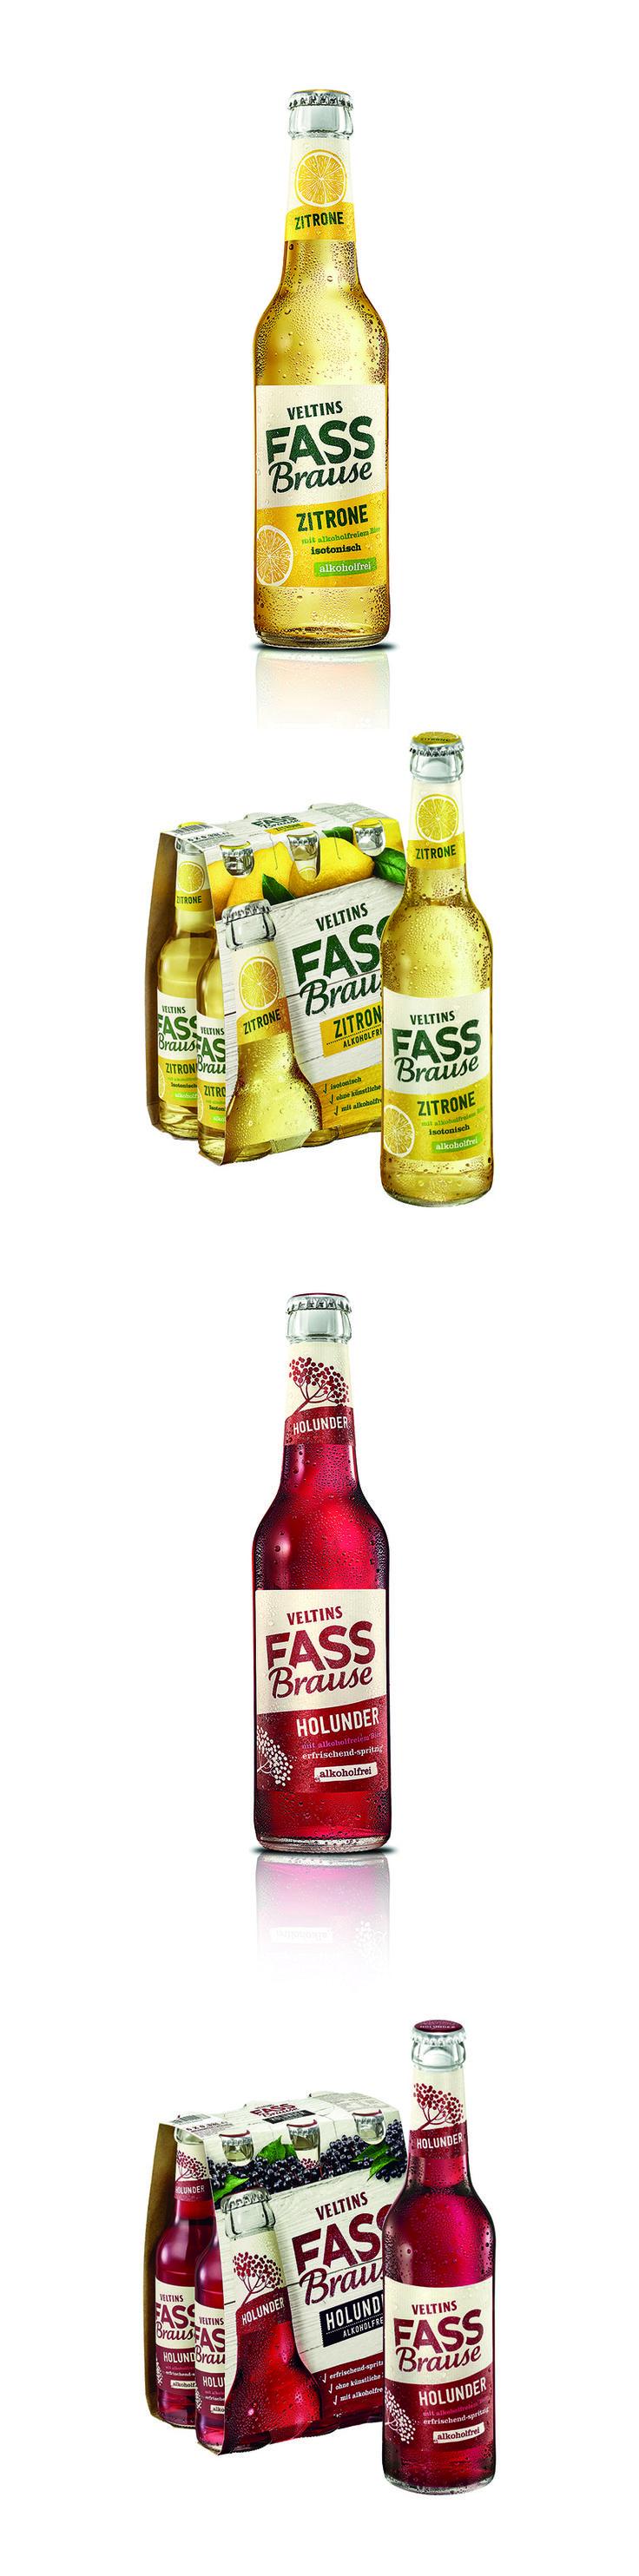 Packaging Design for Veltins Fassbrause by Higgins Design.  #packagingdesign #design #veltins #fassbrause #higginsdesign